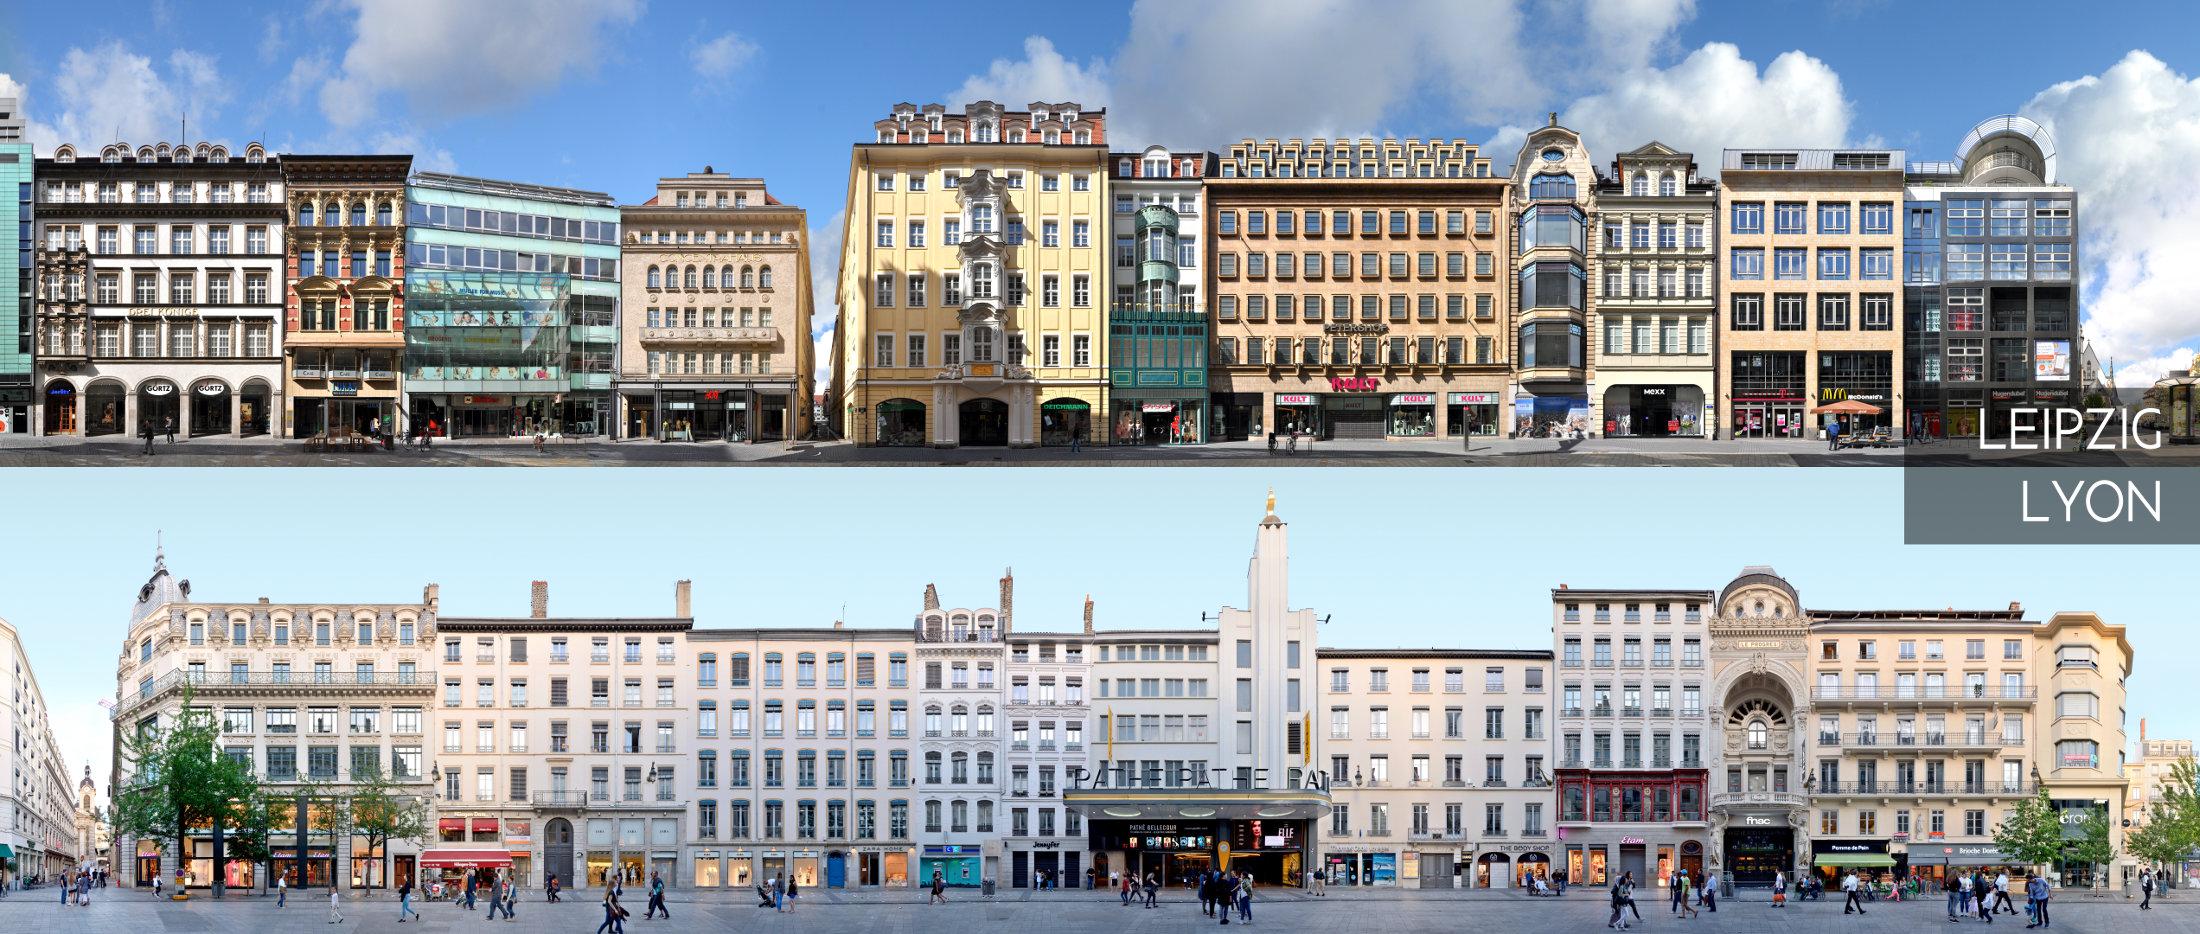 Architektur Bilder Leipzig Lyon Ausstellung Bahnhof